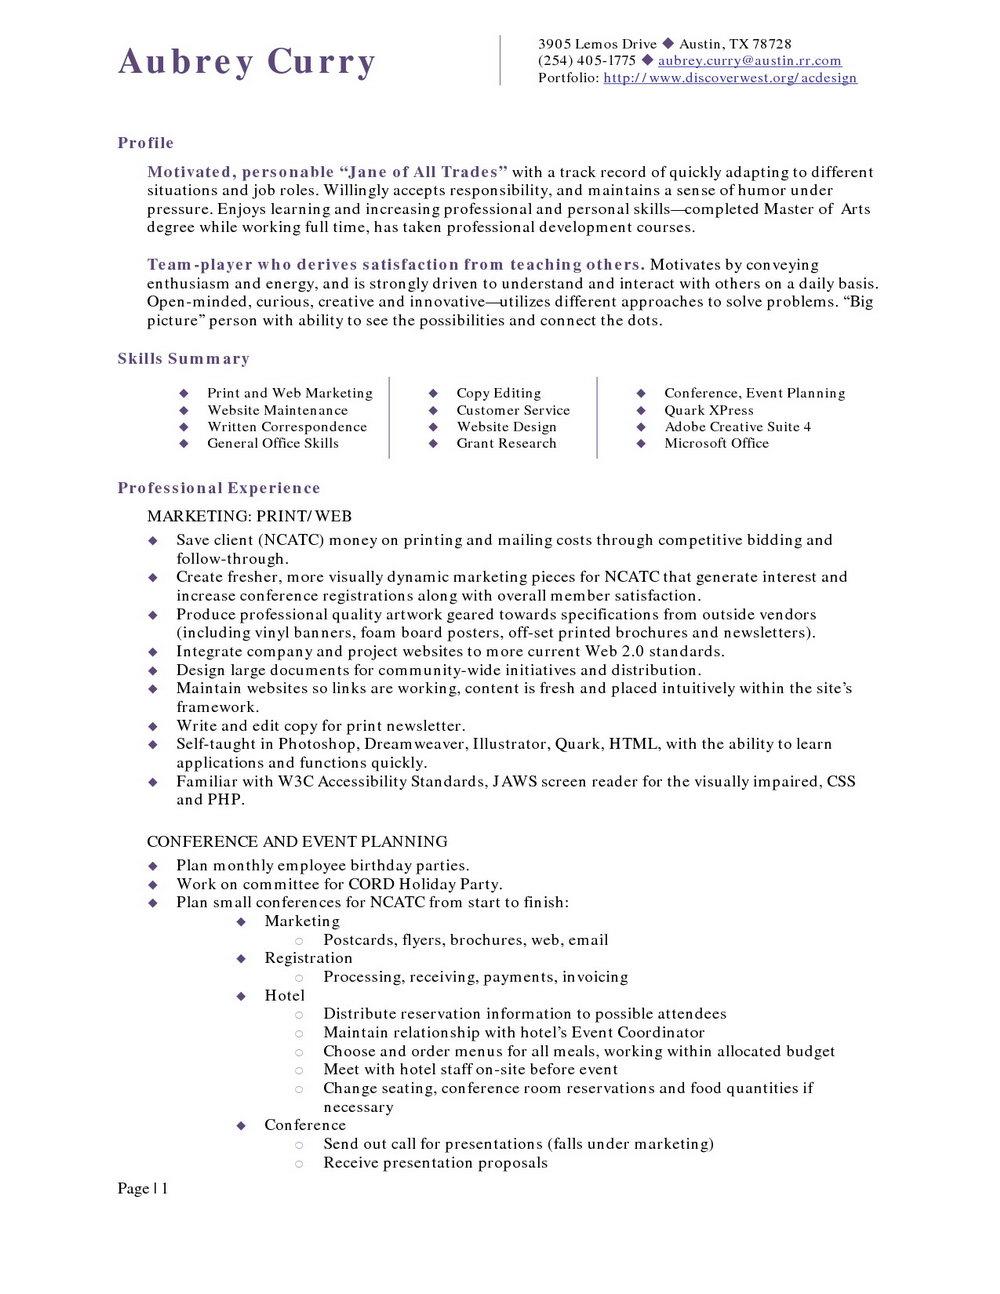 Sample Resume For Hotel Management Fresher